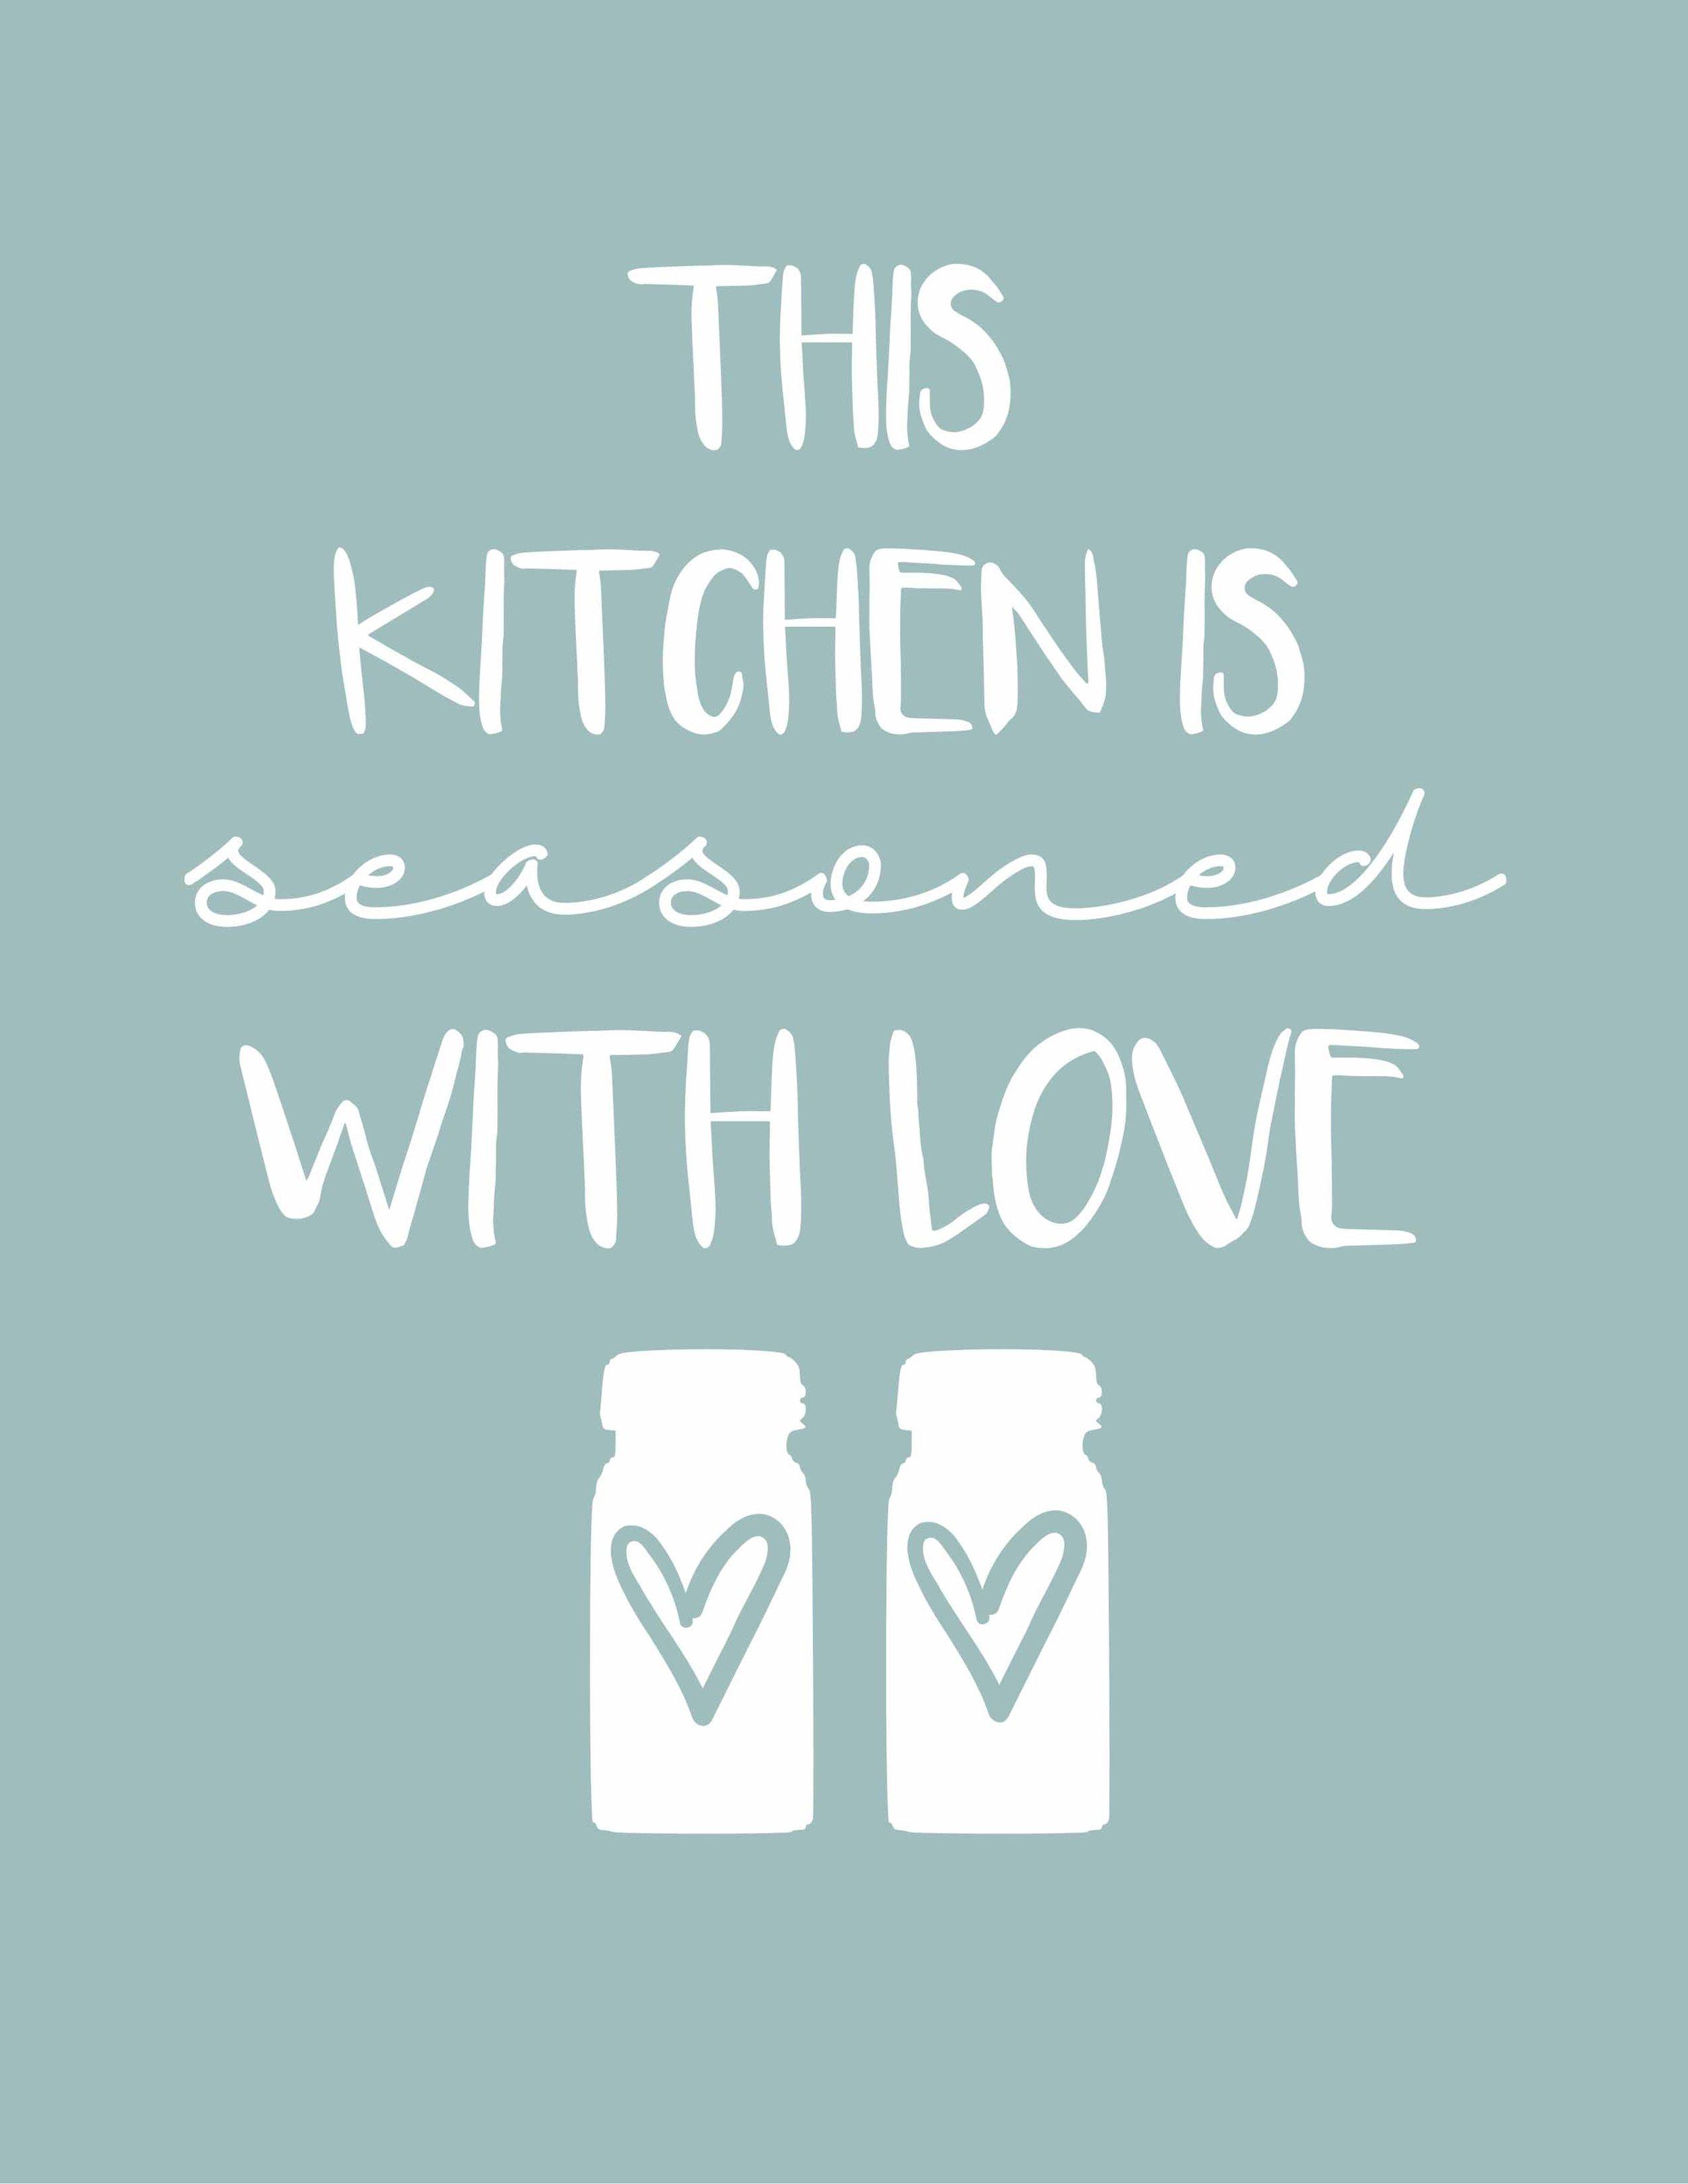 photograph regarding Free Kitchen Printables known as Farmhouse Kitchen area Printables+Aqua Kitchen area Decor - The